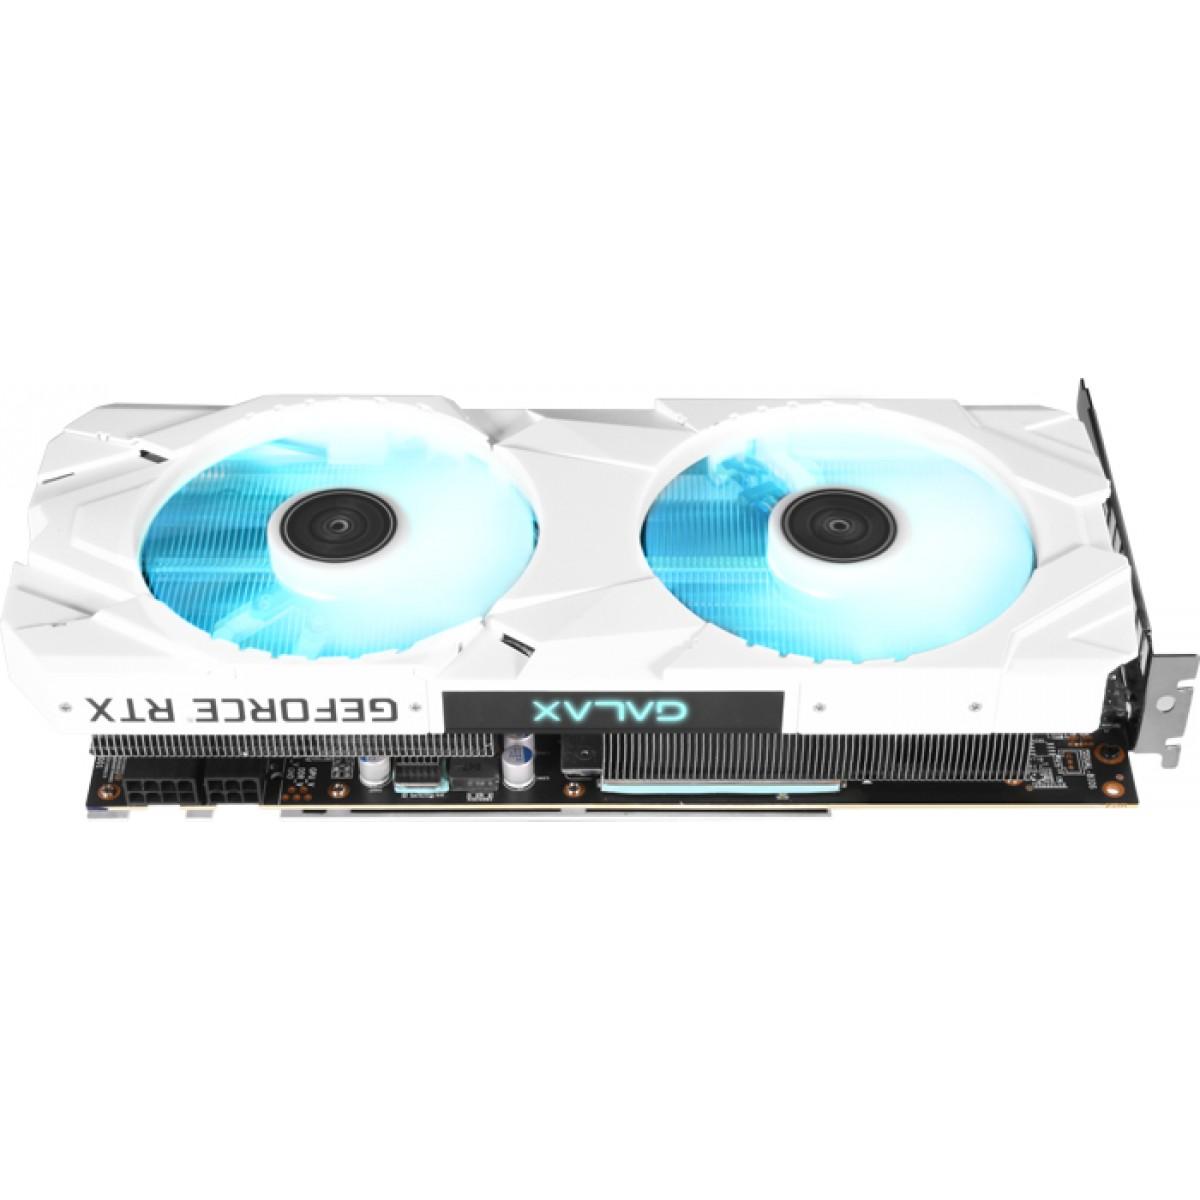 Placa de Vídeo Galax Geforce RTX 2060 Super Ex White Dual (1-Click OC), 8GB GDDR6, 256Bit, 26ISL6MPX6EW